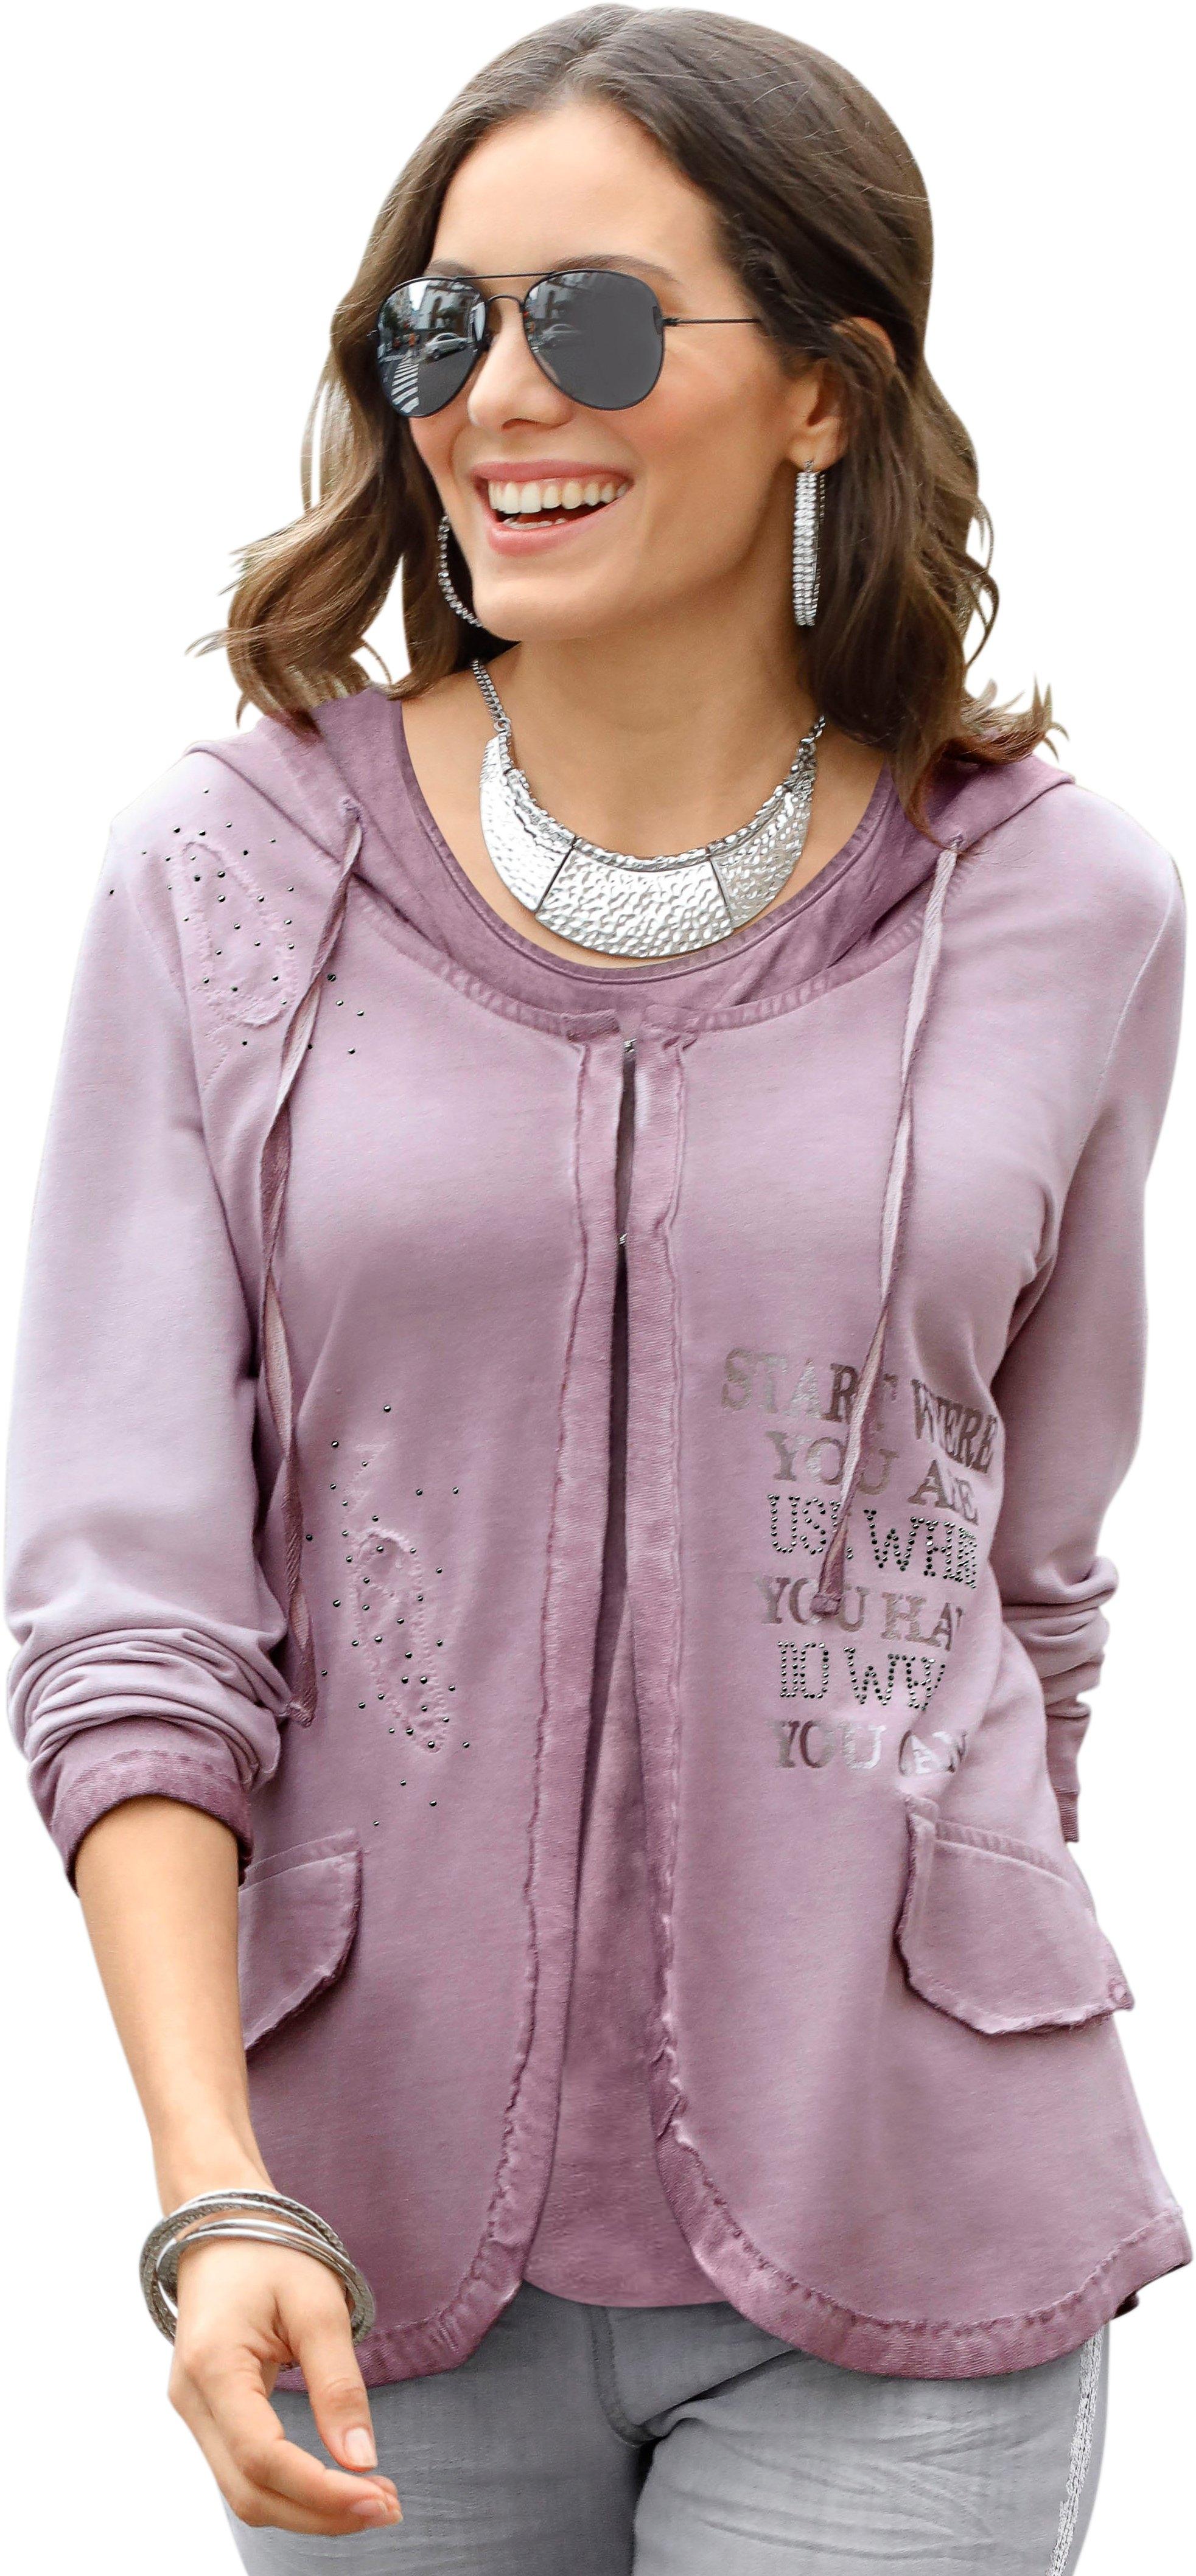 Ambria shirtjasje in vintage-stijl nu online bestellen